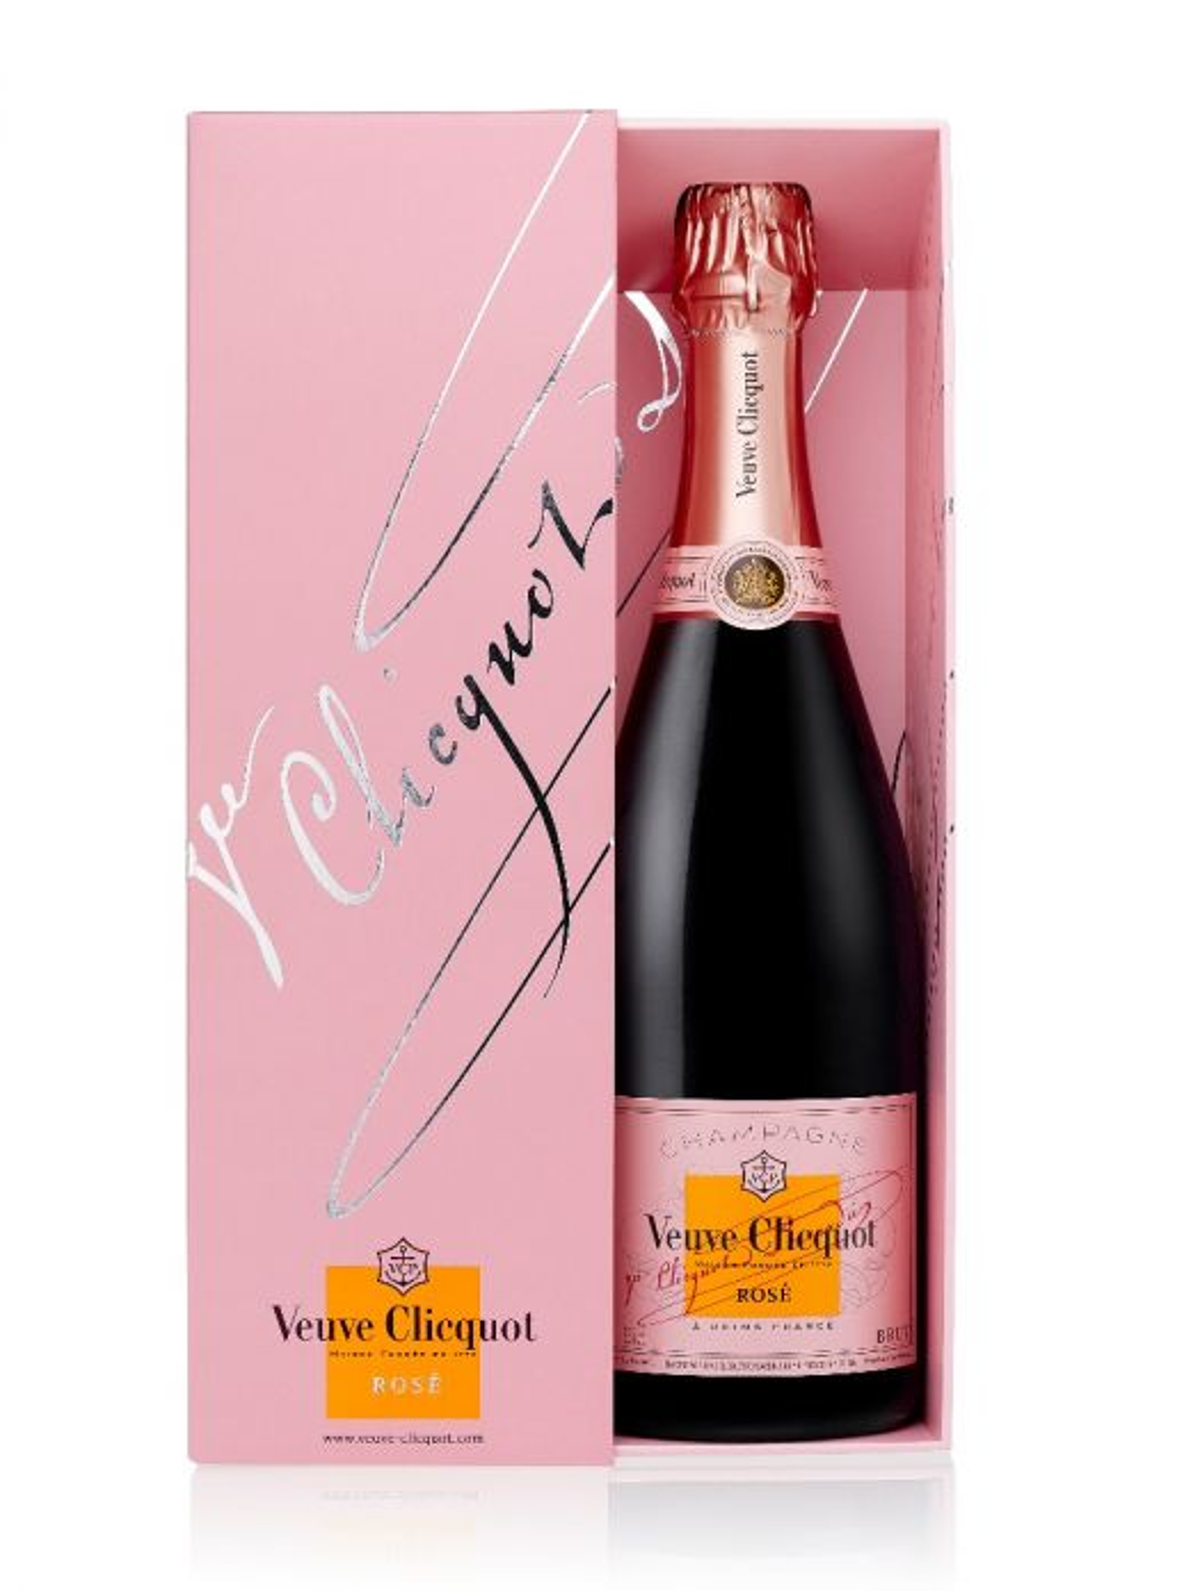 Veuve Clicquot | The Champagne Company